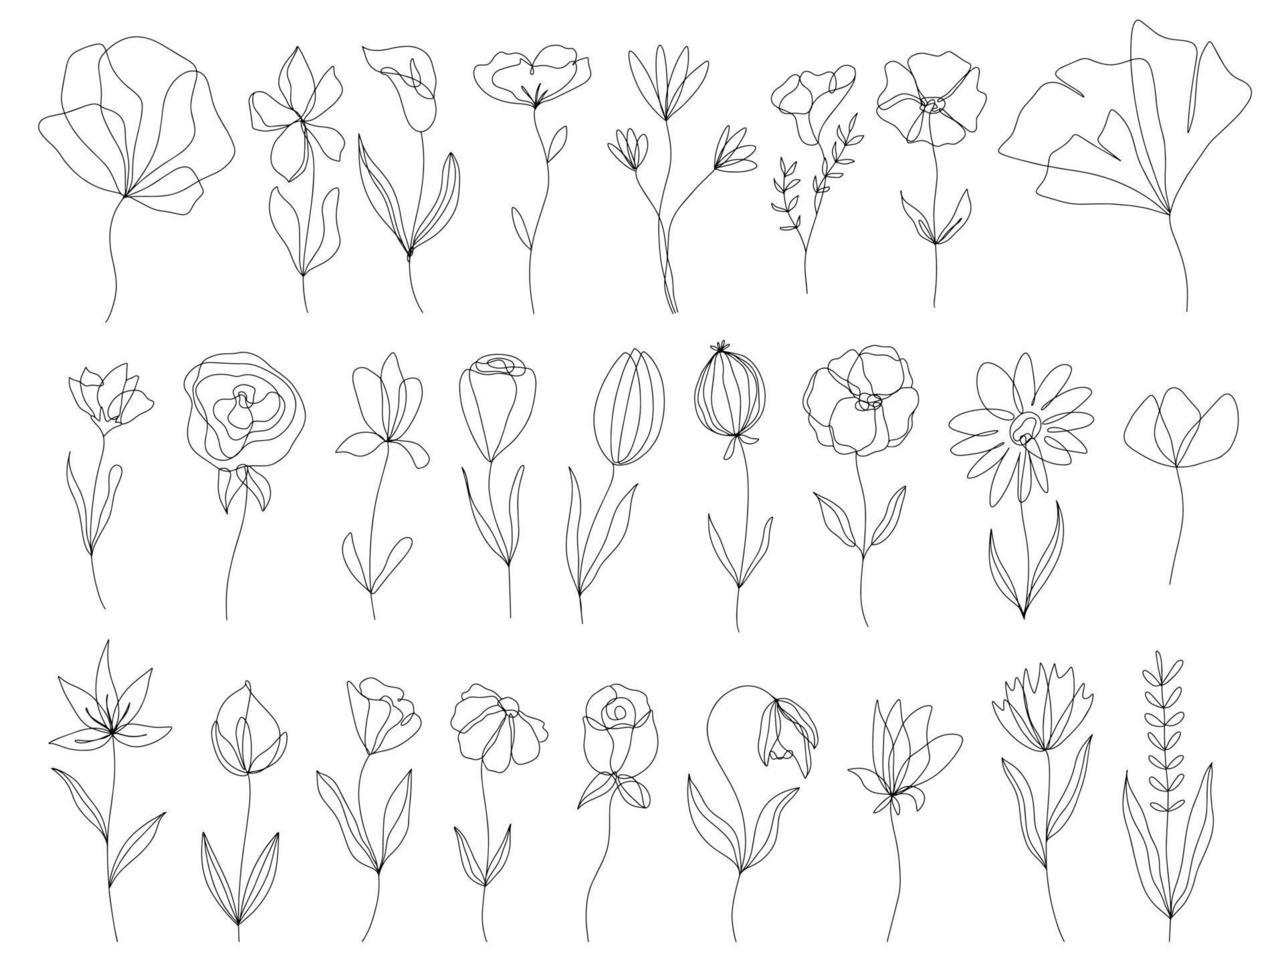 set di elementi floreali disegnati a mano doodle vettoriale. elementi di decorazione per invito design, carte di nozze, San Valentino, biglietti di auguri vettore